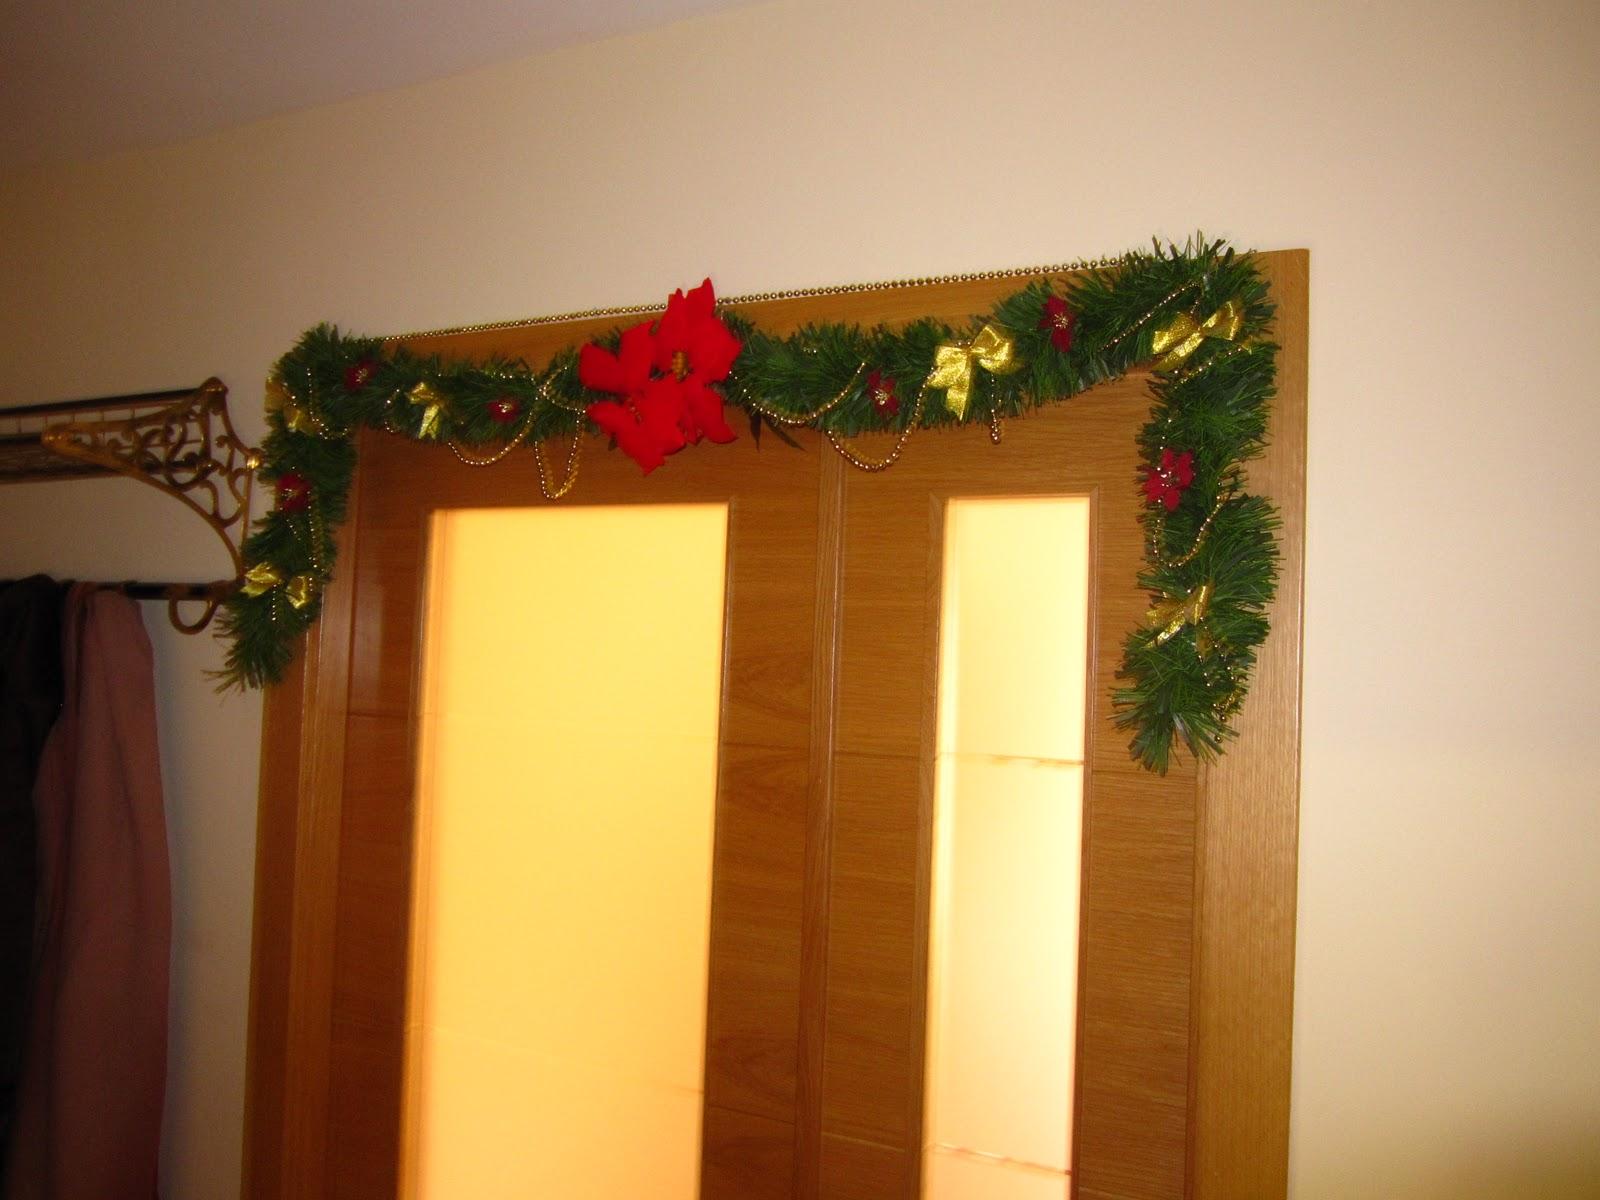 Cristina en casa decoraci n navide a para puertas y escaleras - Decoracion navidena puertas ...